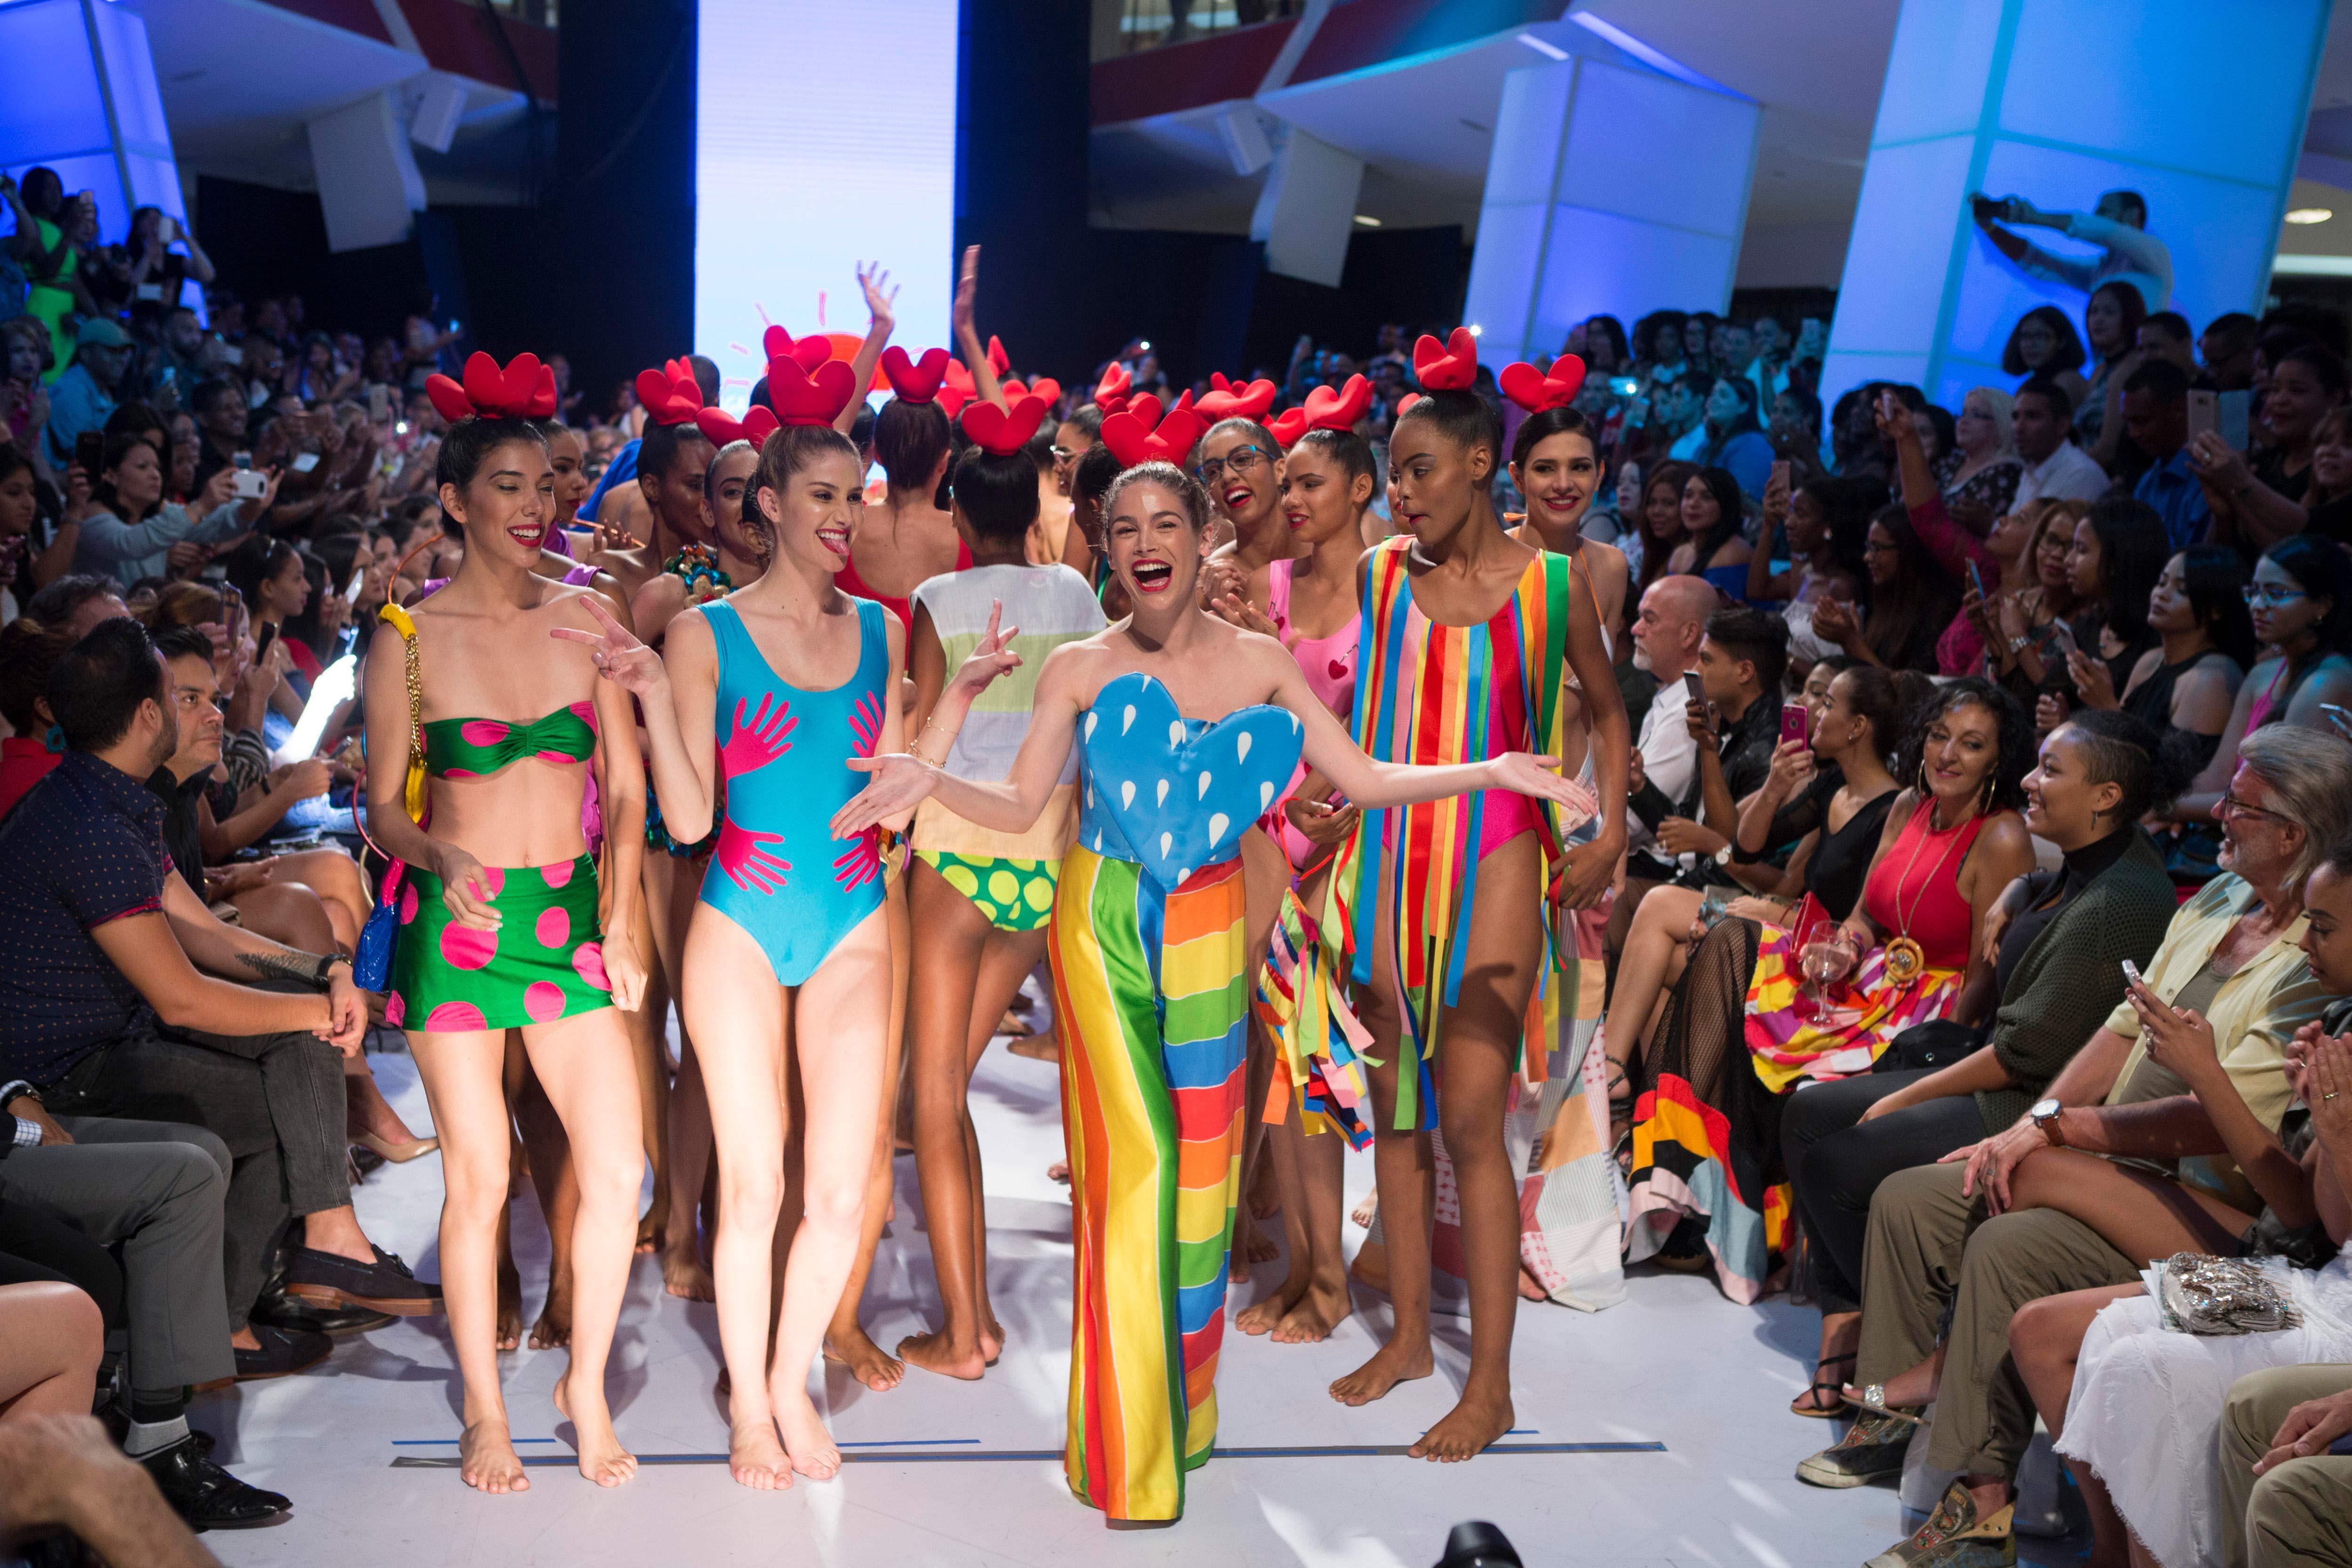 Ágatha Ruiz de la Prada no decepcionó y entregó una explosión de color, tal como se esperaba, en la Semana de la Moda de Dominicana. Foto EFE/ Orlando Barría.